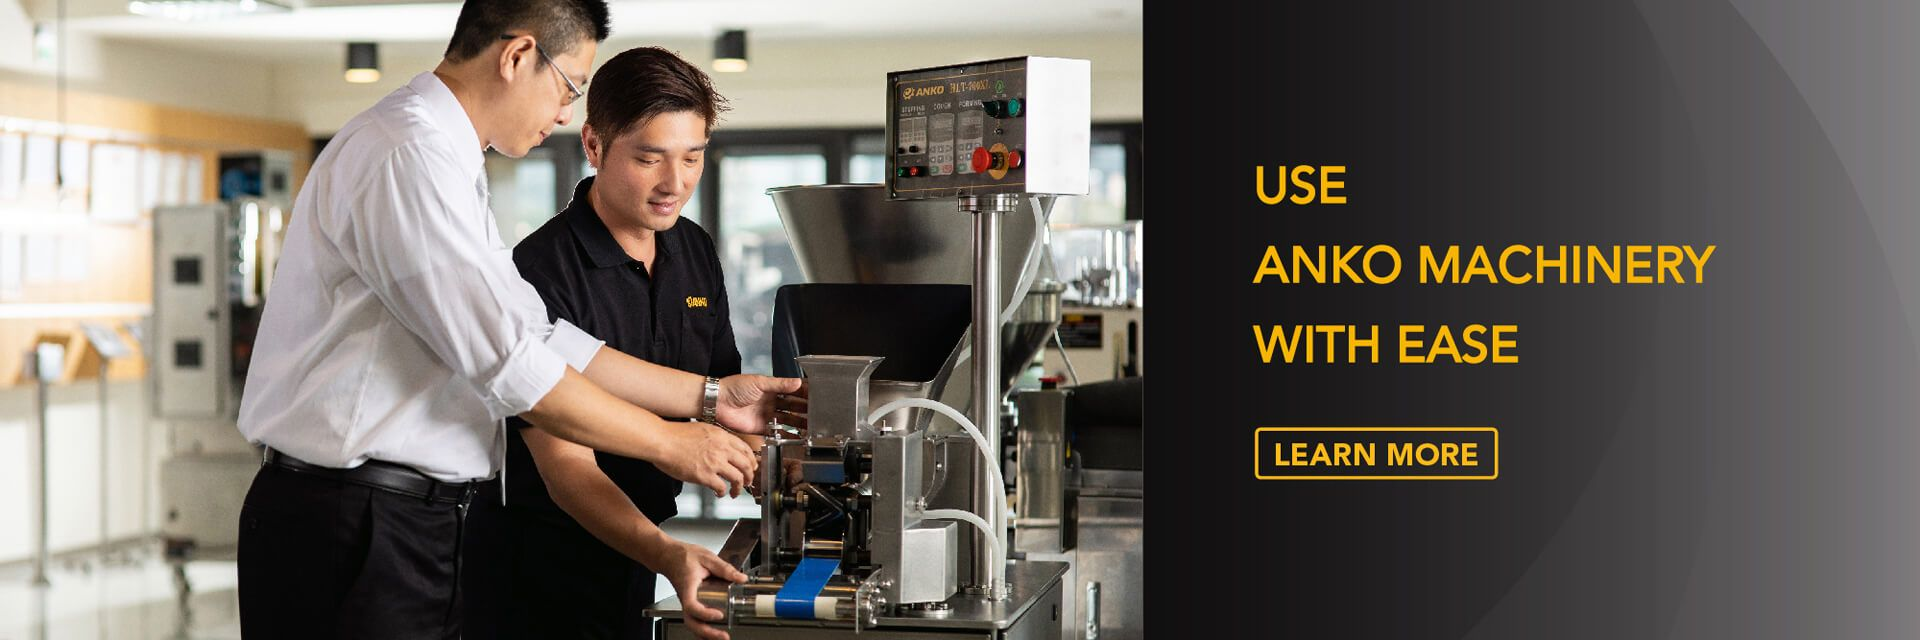 A termelési berendezések a jobbkezes ember, hogy növelje a hatékonyságot.  Az ANKO Machinery felhasználóbarát kialakítása az, hogy segítsen több értéket teremteni az élelmiszeripari gépek és a felhasználók között.